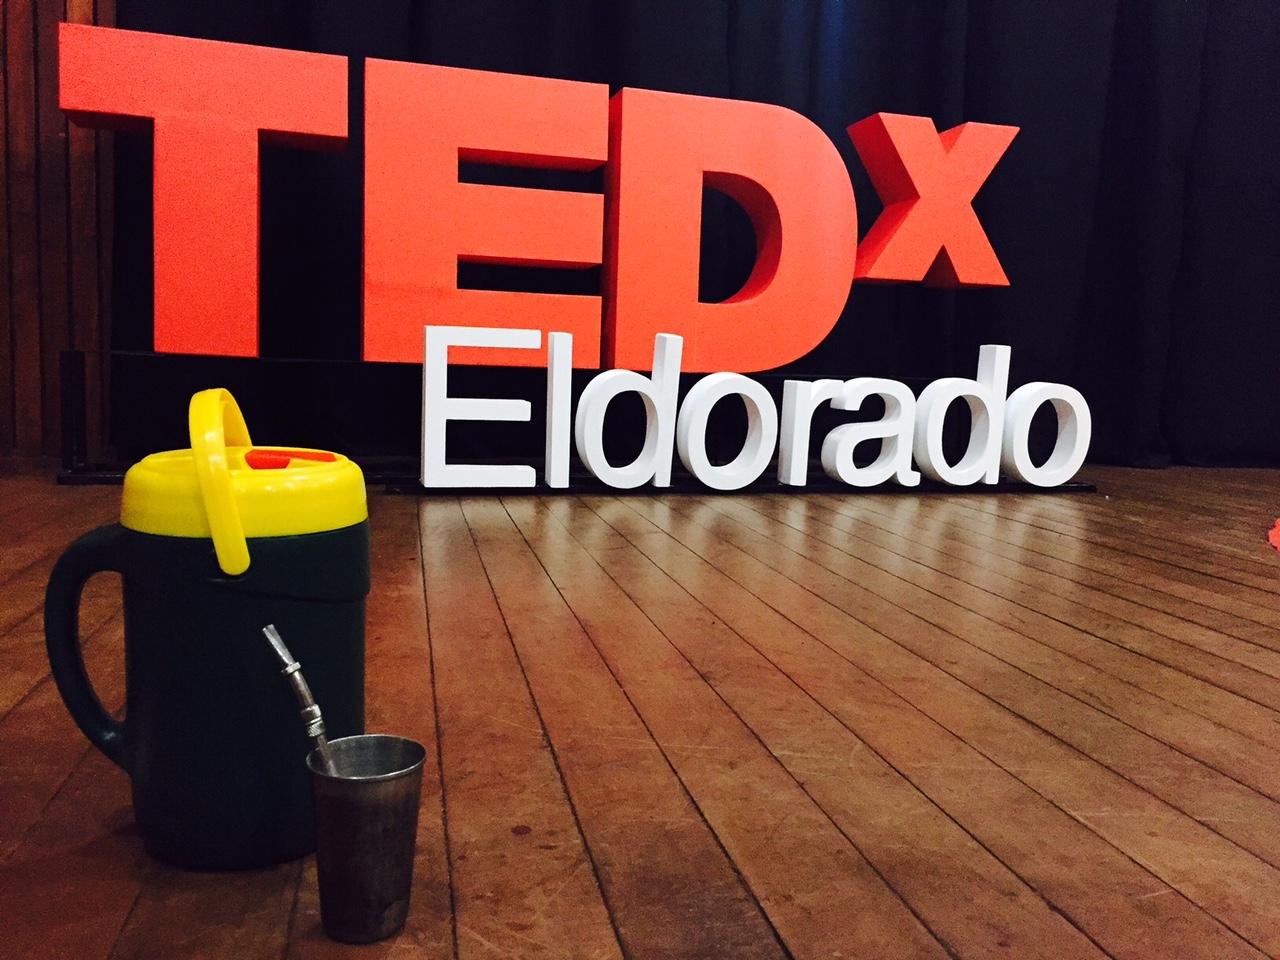 Mañana en Eldorado se llevará a cabo el primer evento TEDx de Misiones